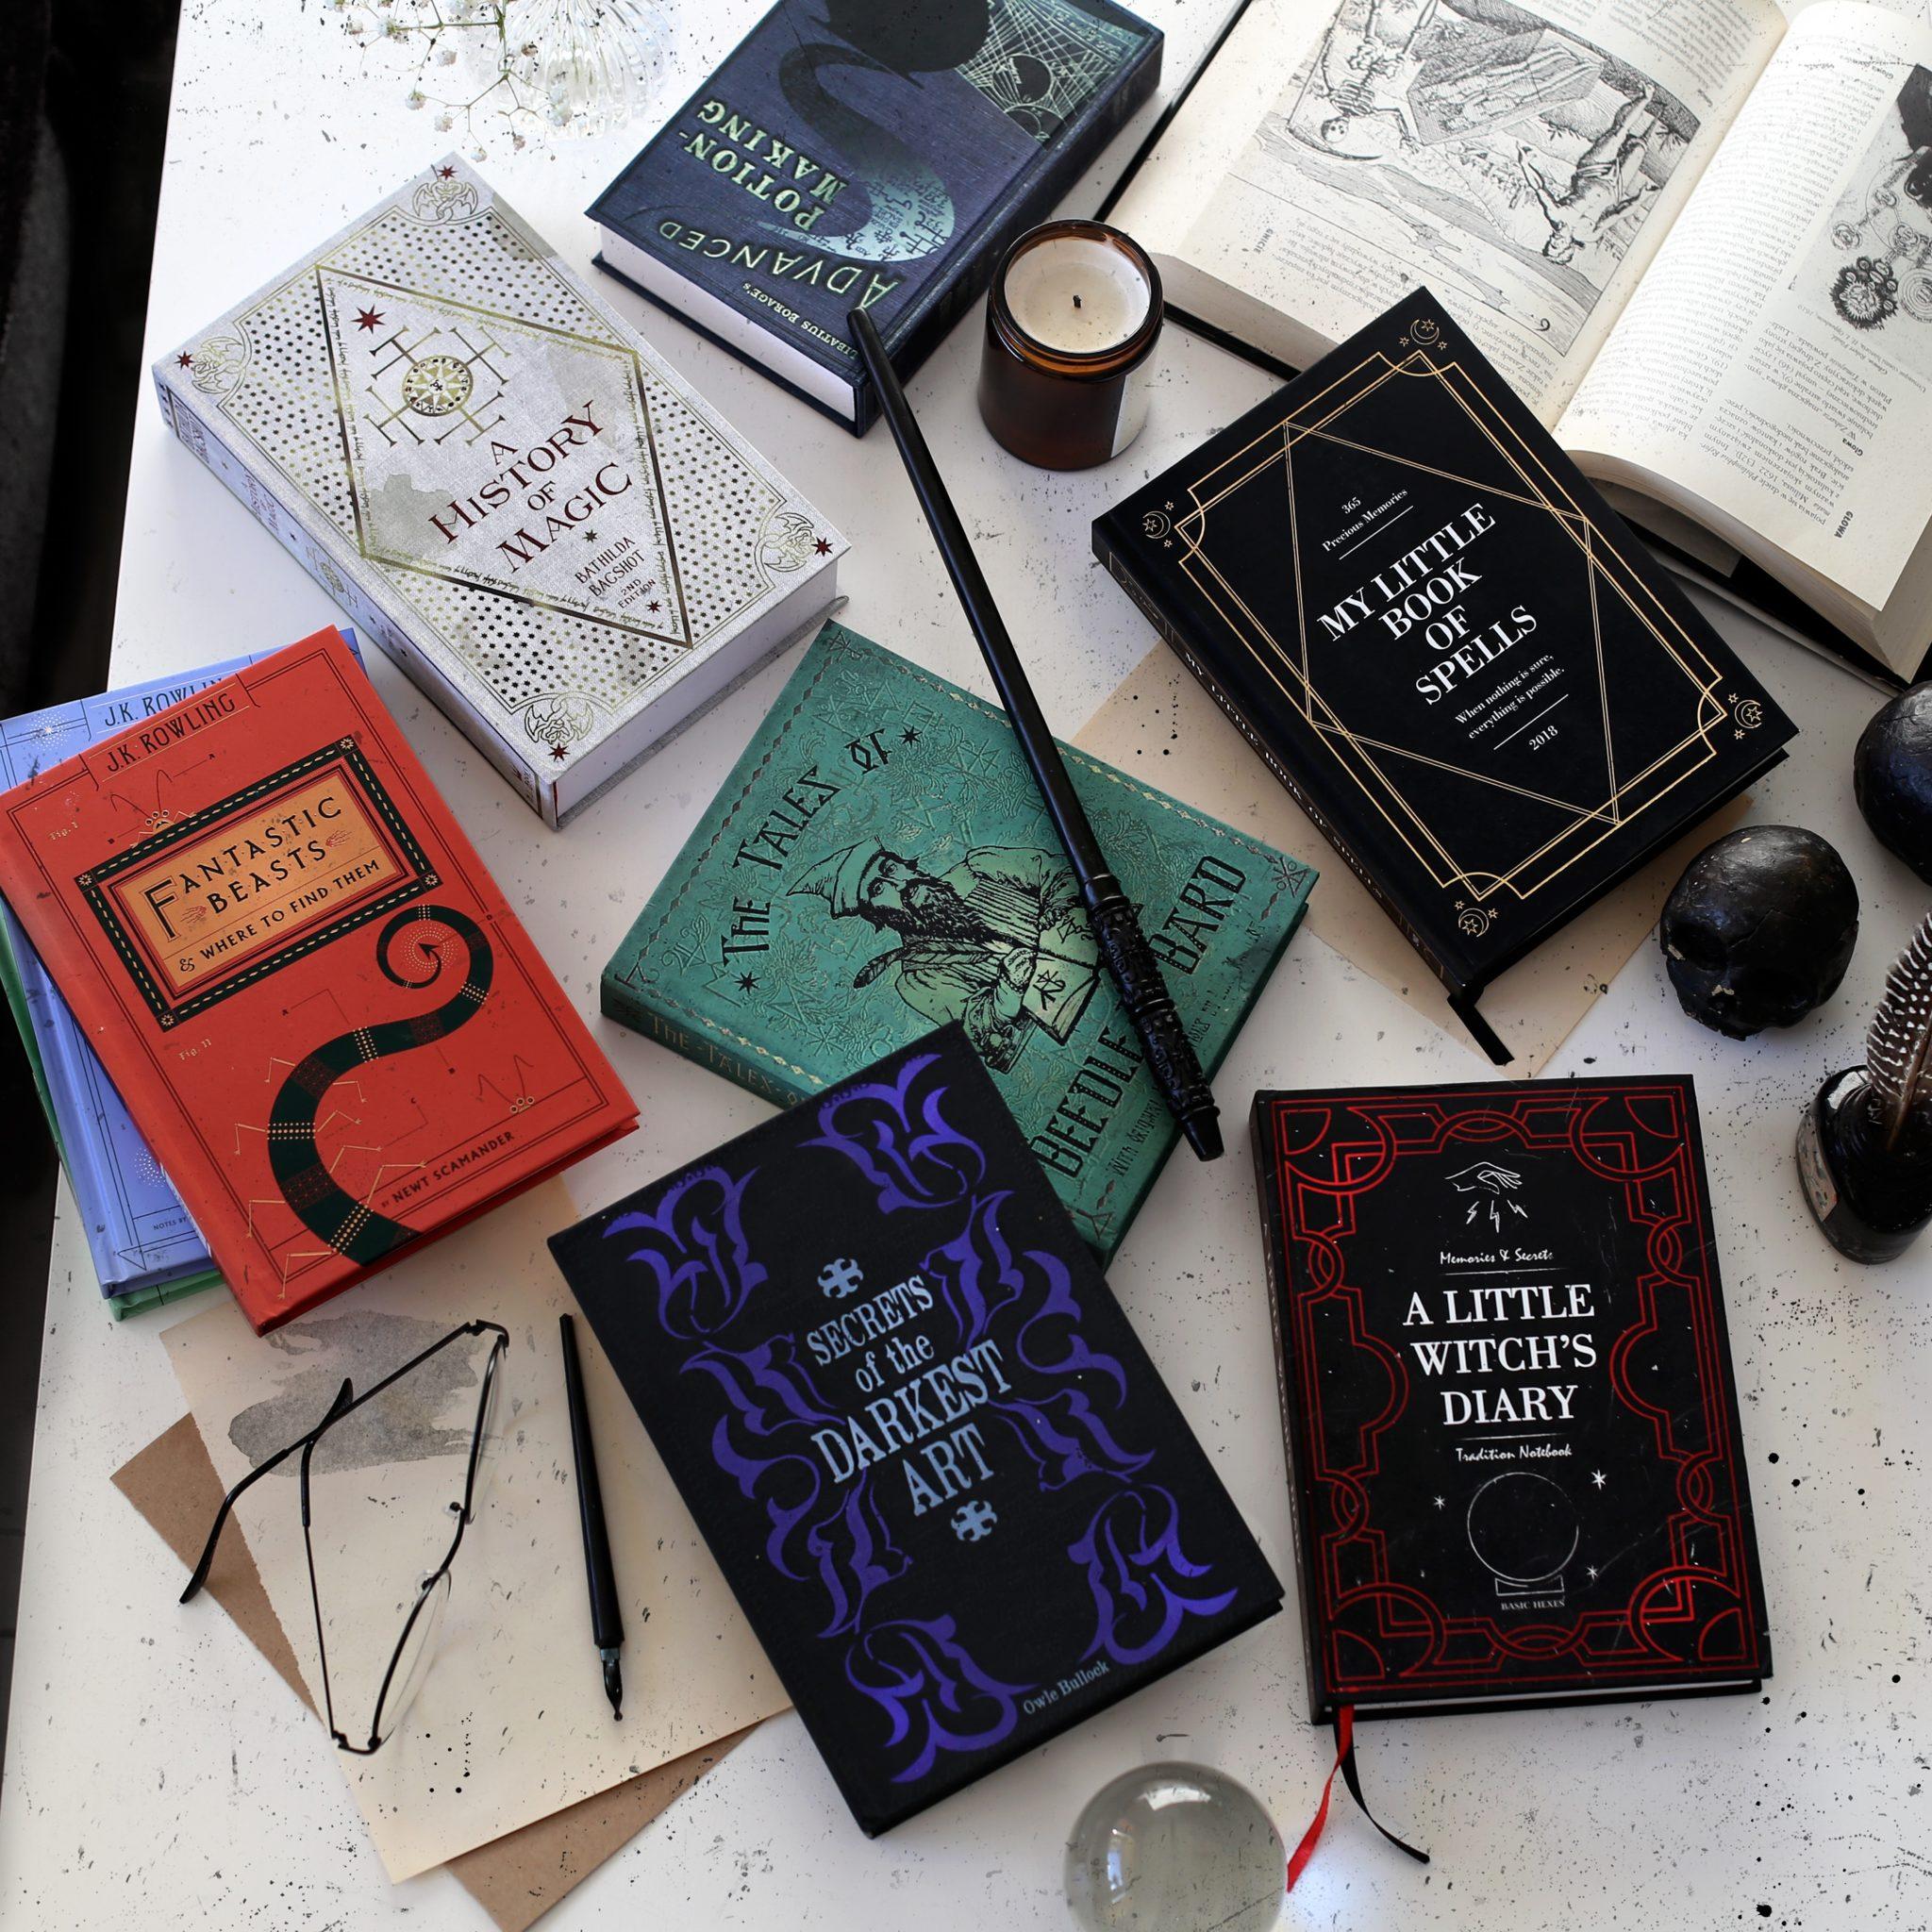 Na zdjeciu widzimy ksiazki Harrego Pottera oraz kalendarz wszystko na bialym stole